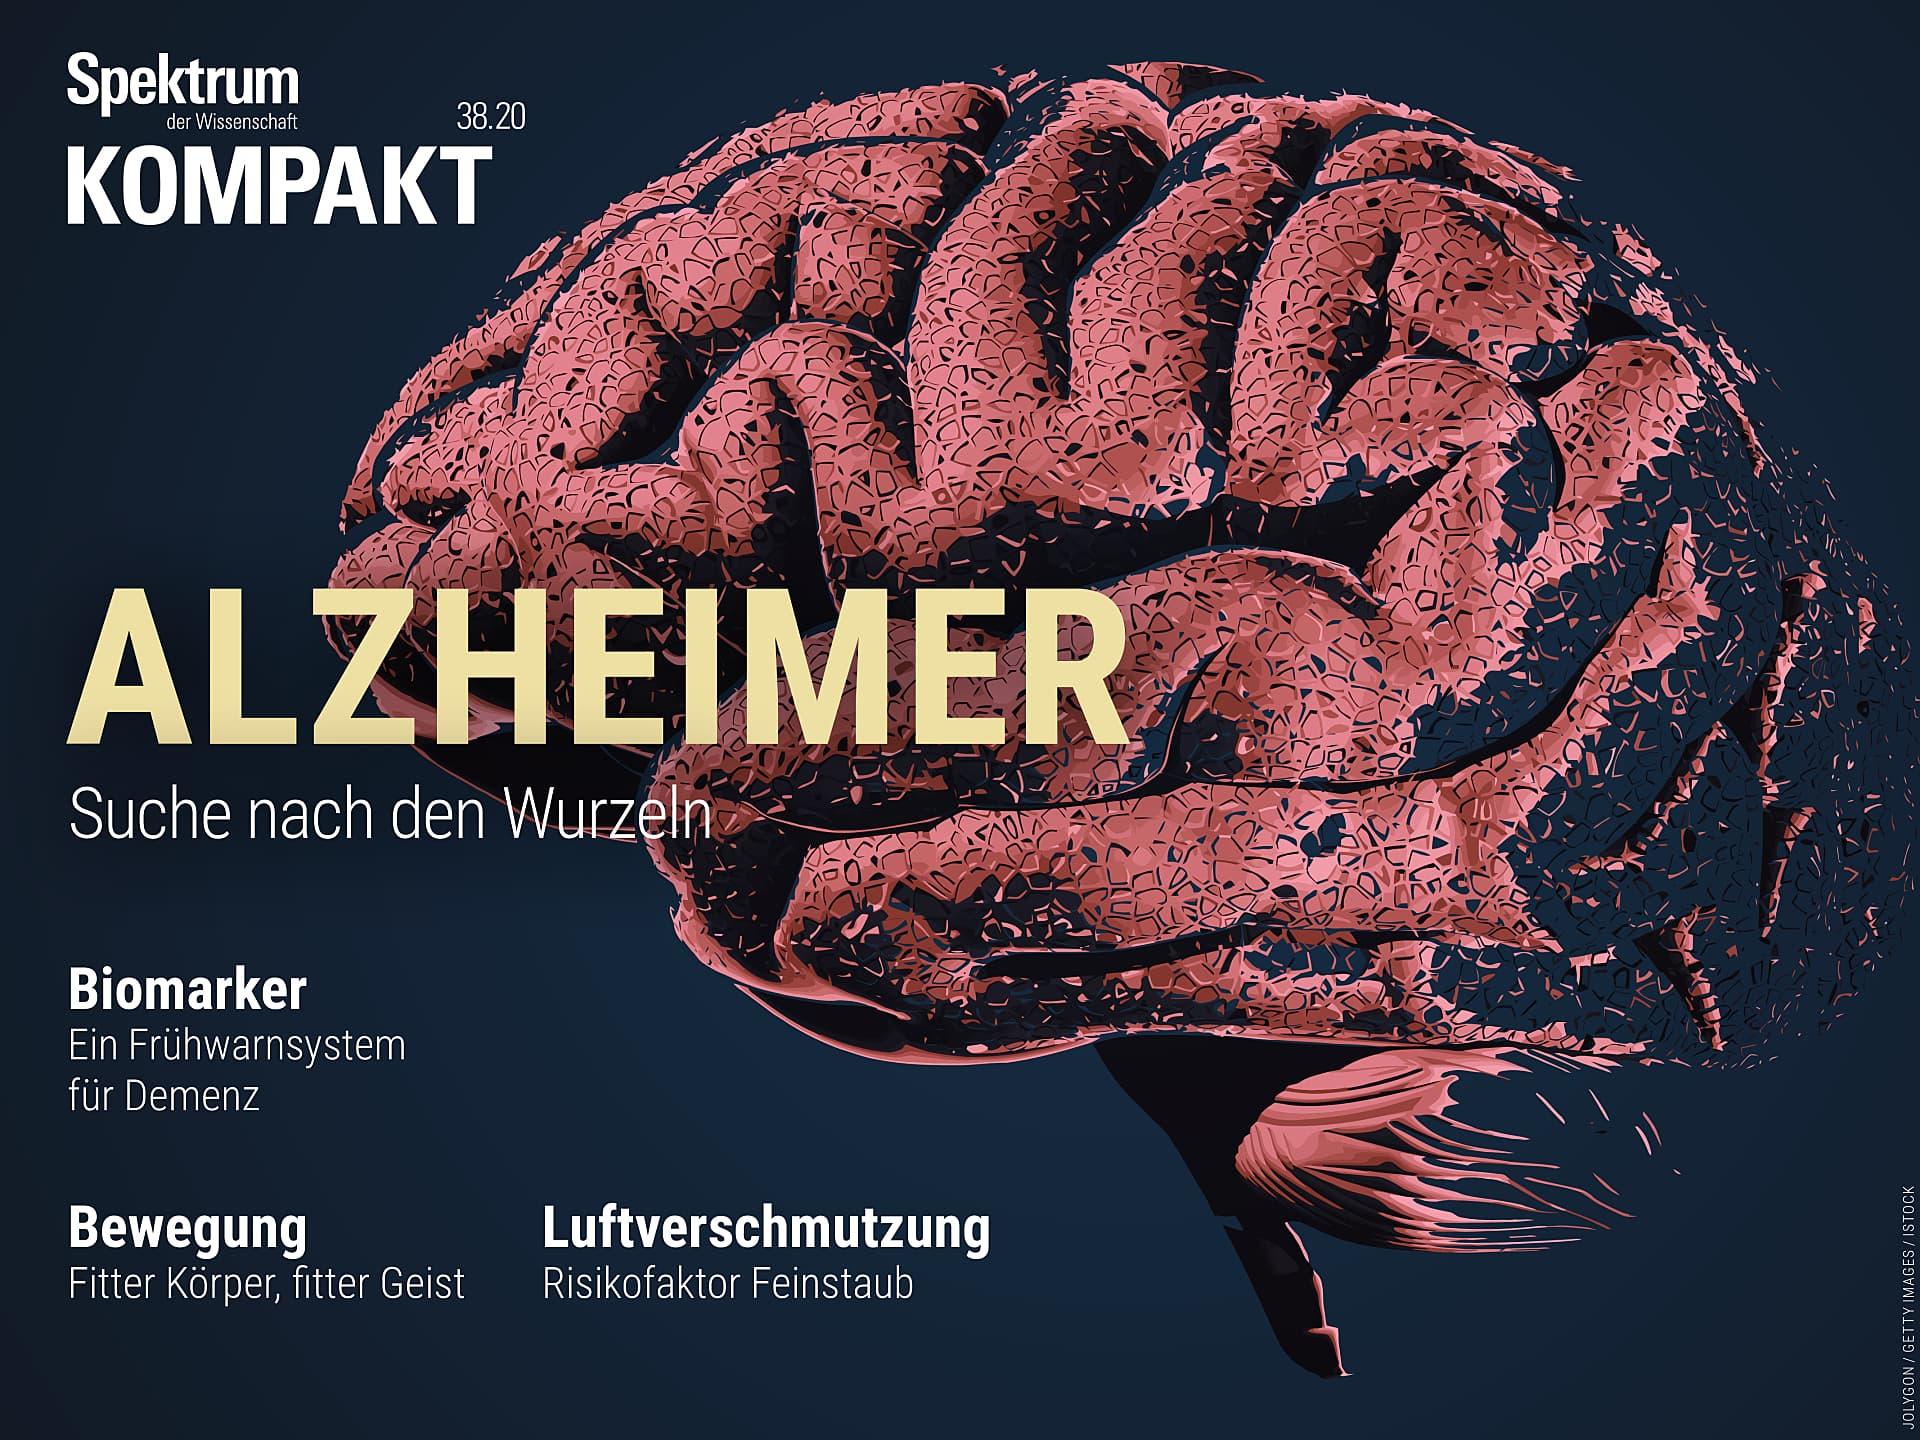 Alzheimer - Suche nach den Wurzeln